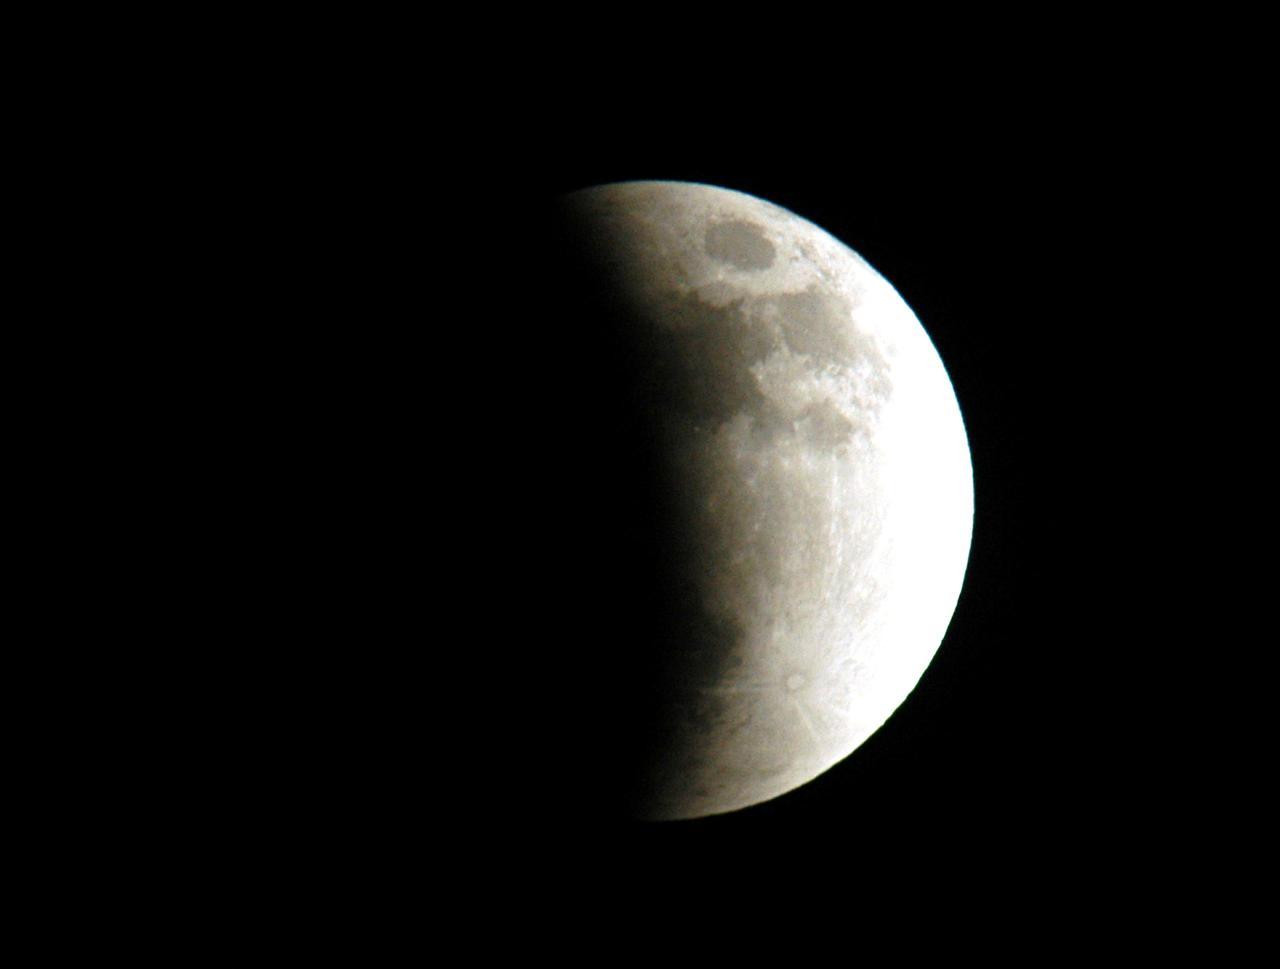 Une éclipse lunaire partielle a été photographiée depuis Merritt Island, en Floride.